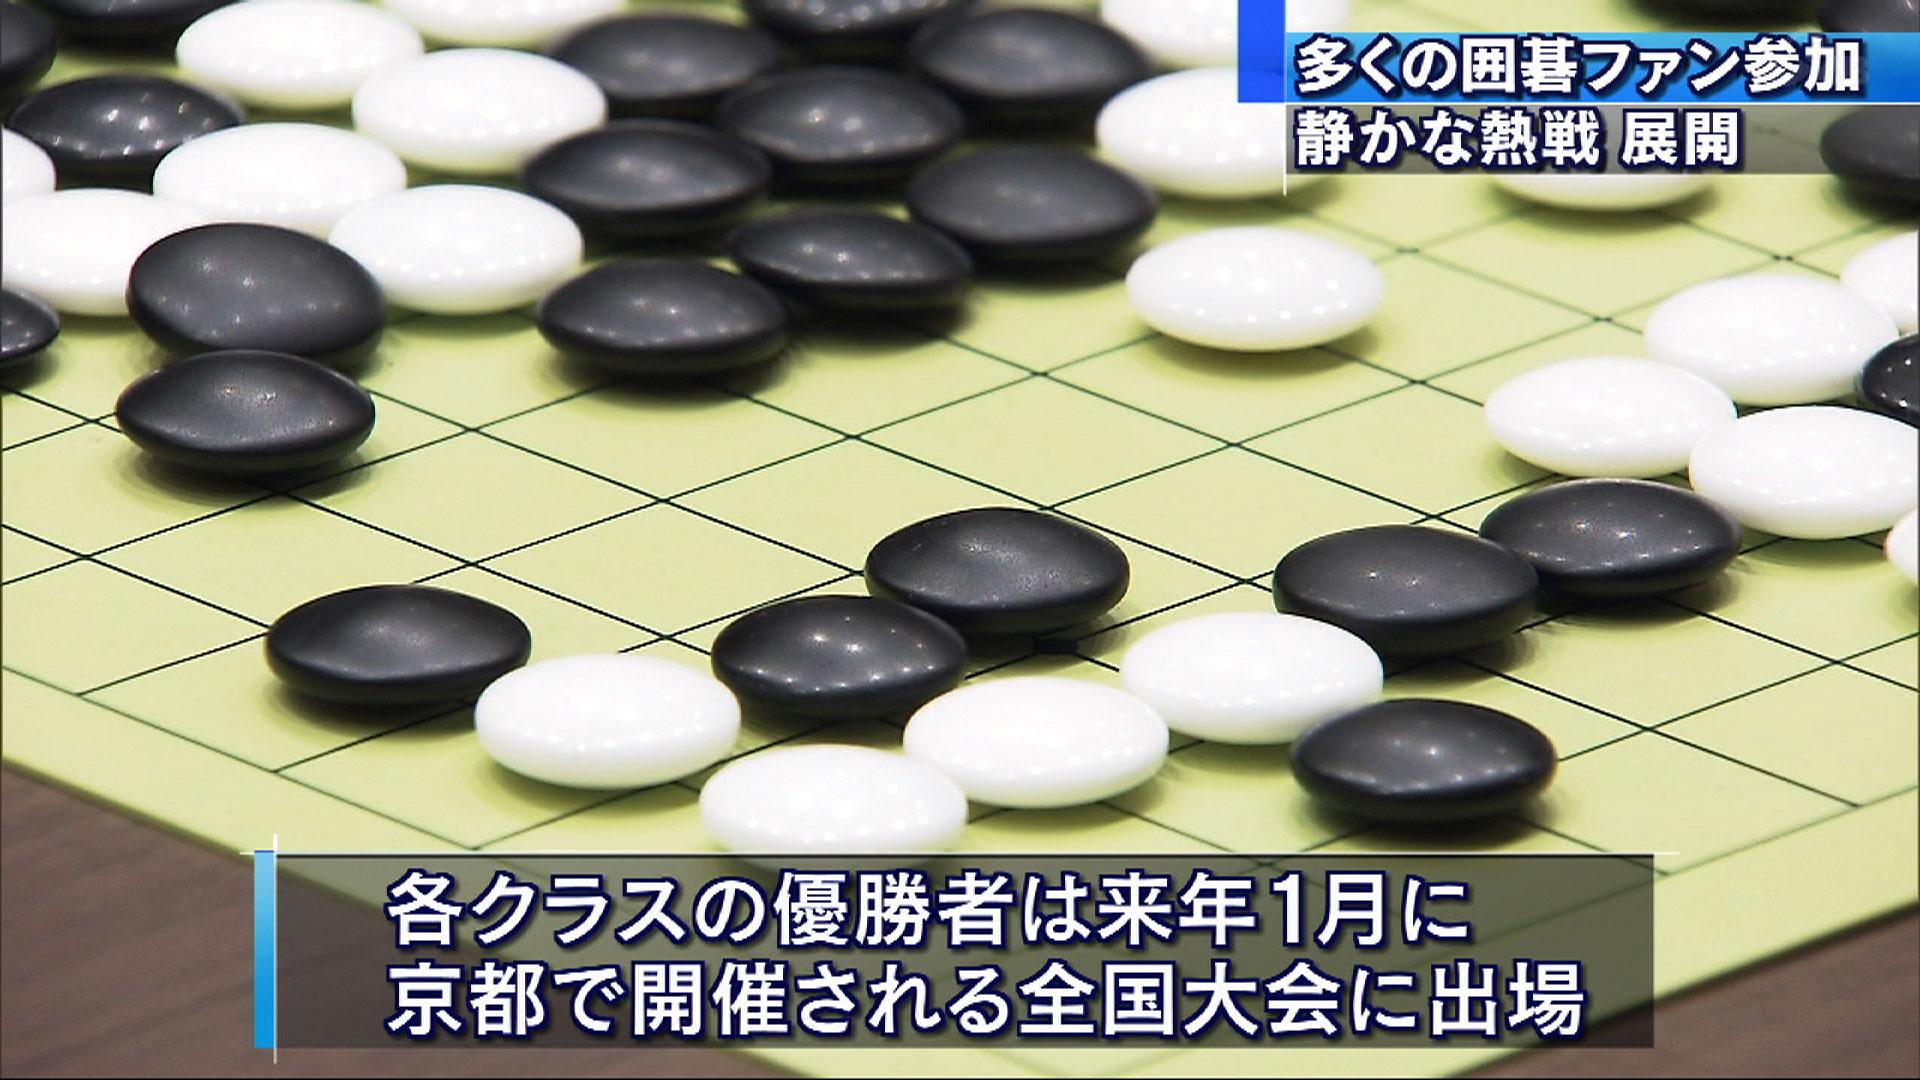 宝酒造杯囲碁クラス別チャンピオン戦沖縄大会で熱戦